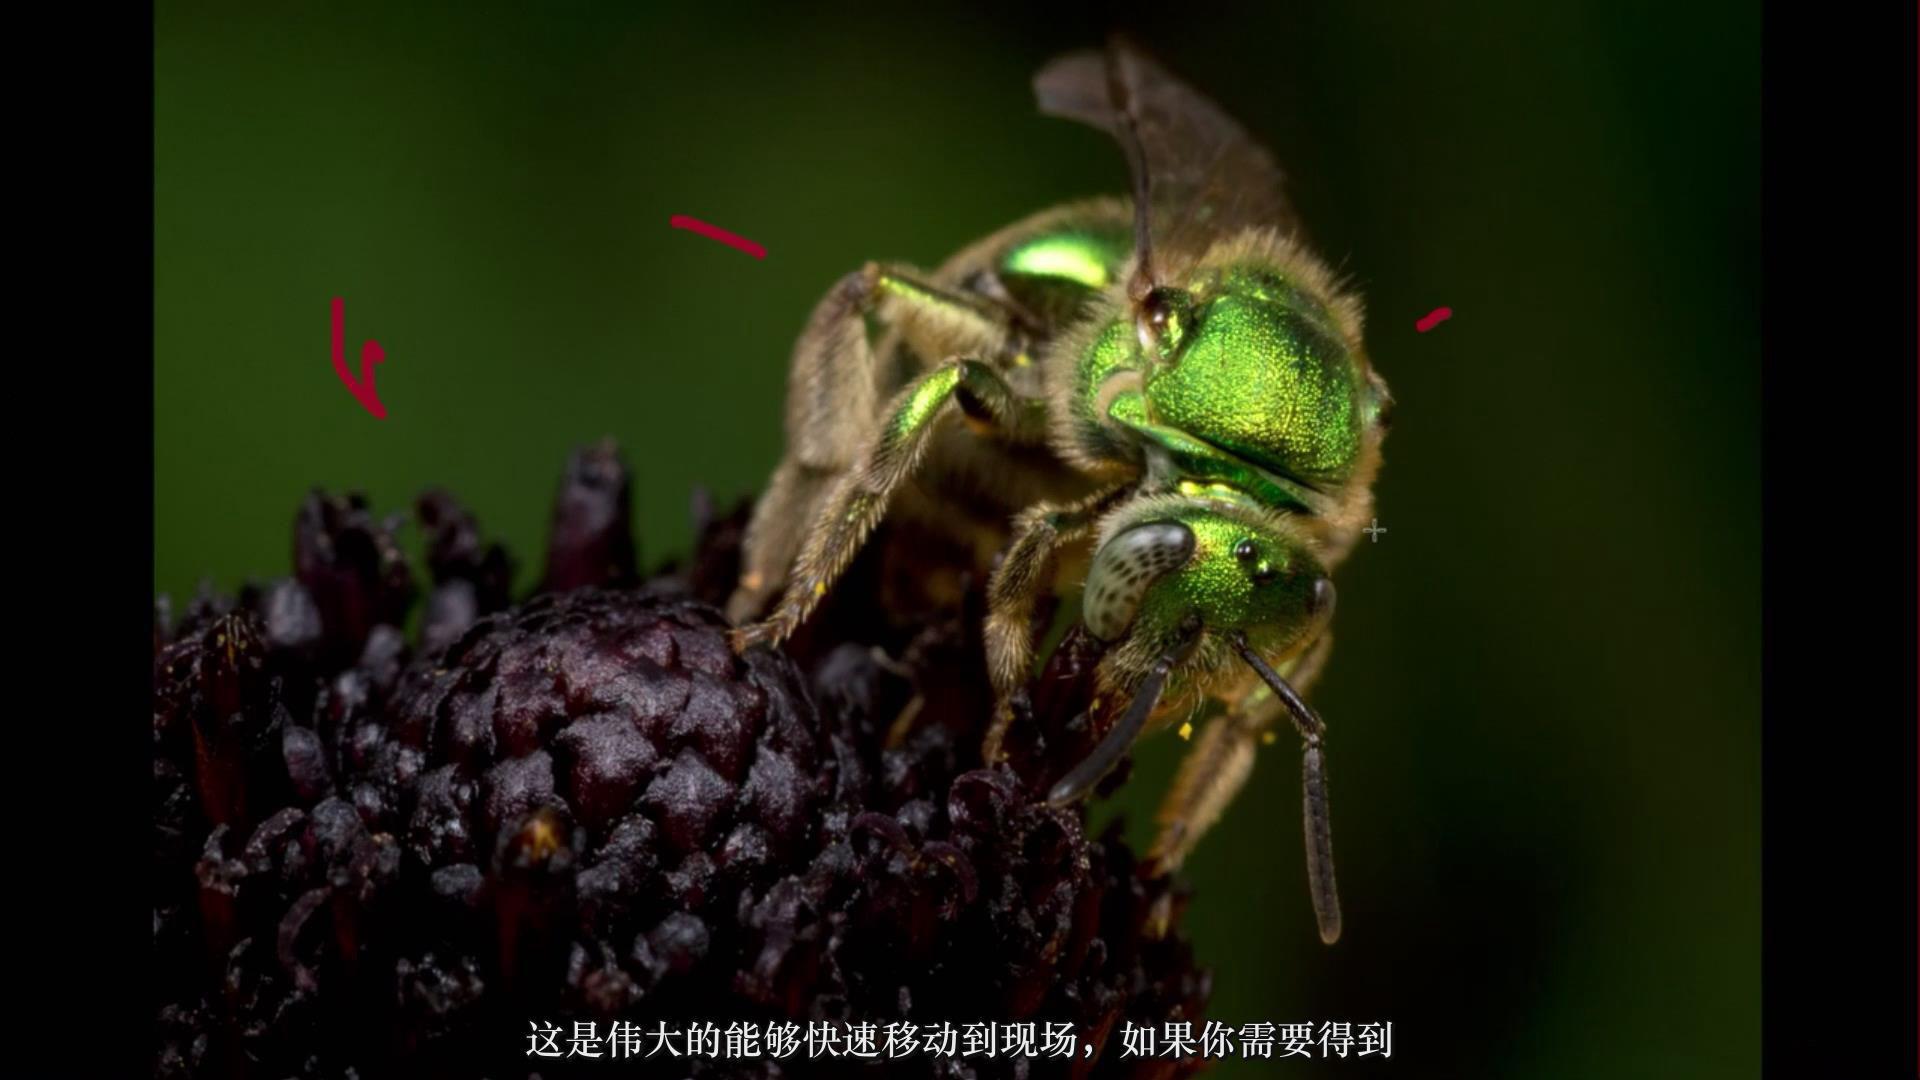 摄影教程_Craftsy –宏观摄影:精通昆虫微距摄影完整指南教程-中文字幕 摄影教程 _预览图8